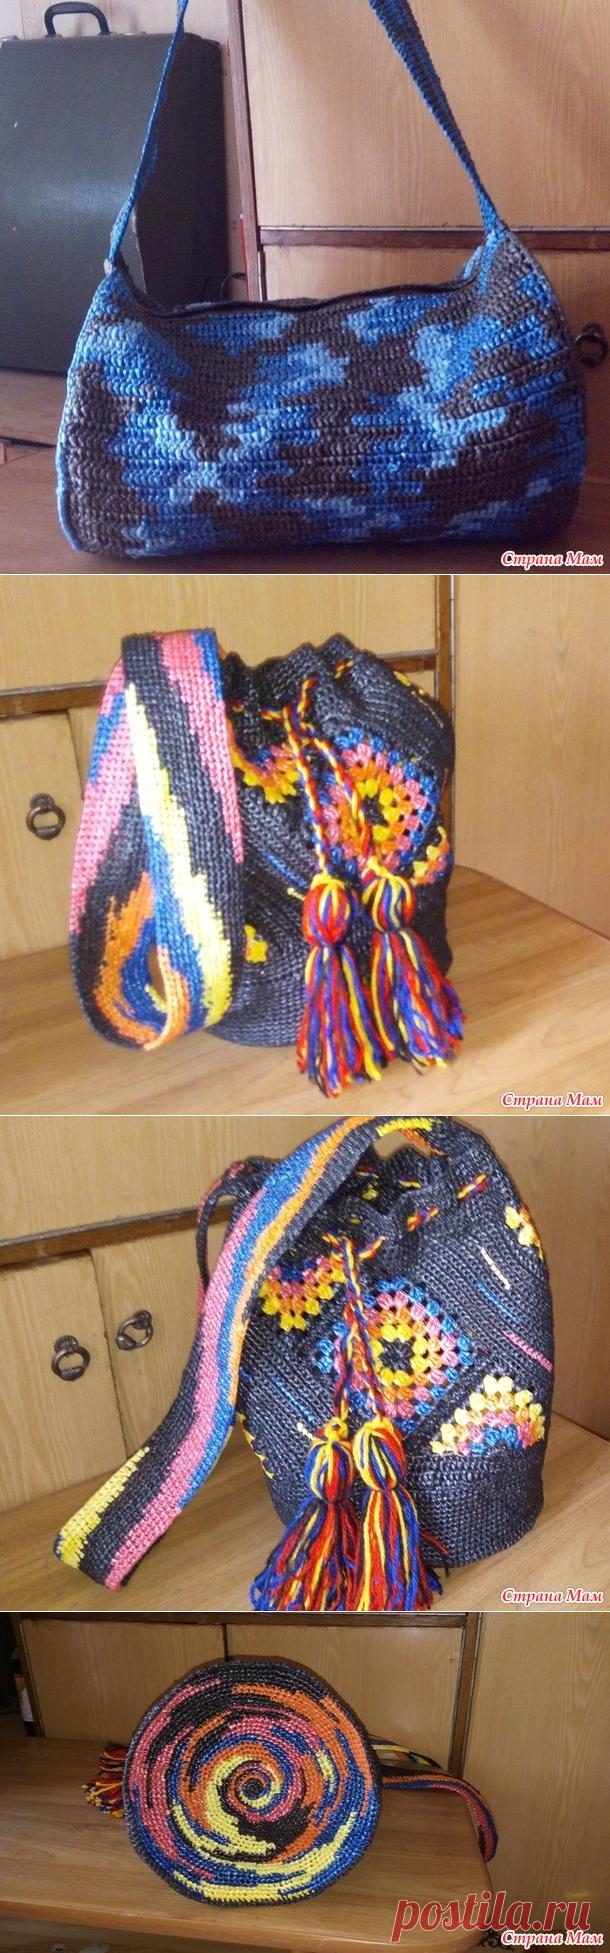 две сумки крючком - Вязание - Страна Мам